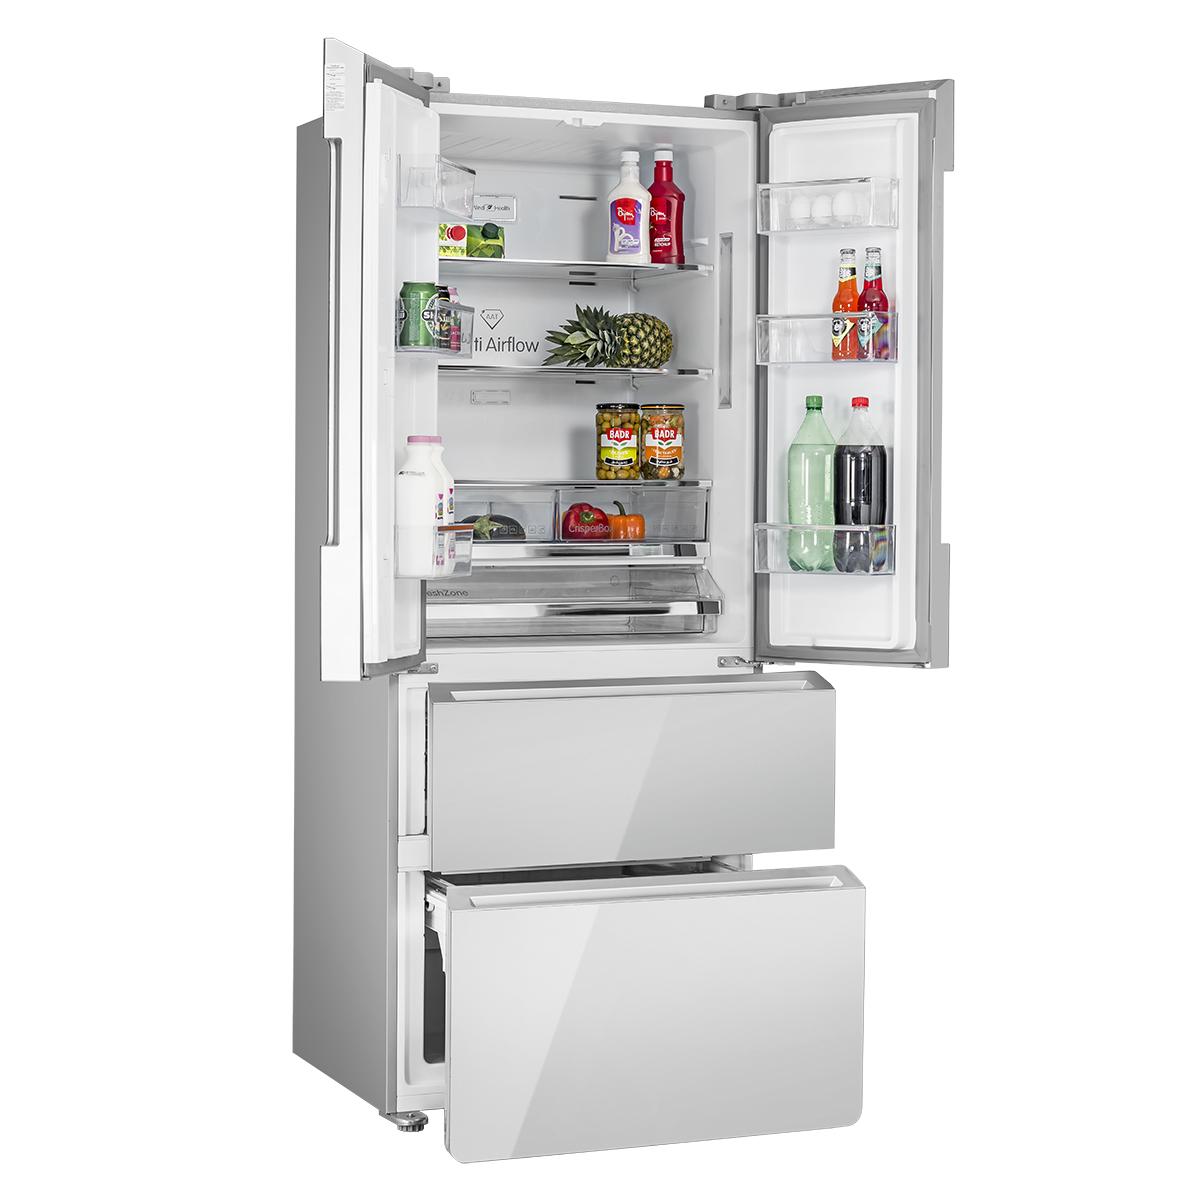 یخچال و فریز تی سی ال مدل TRF-480EG